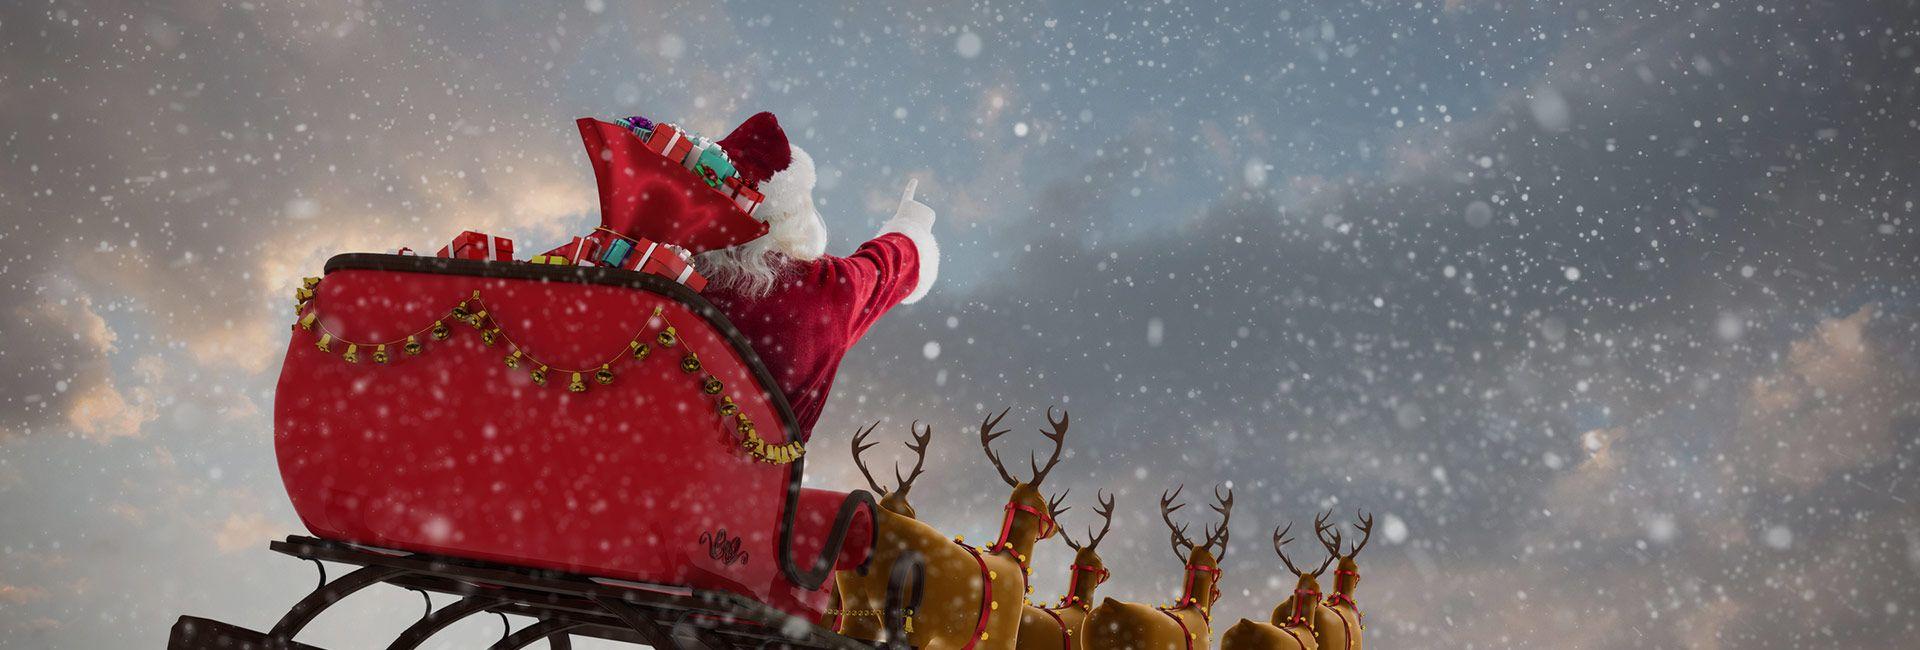 santa's sleighbox derby